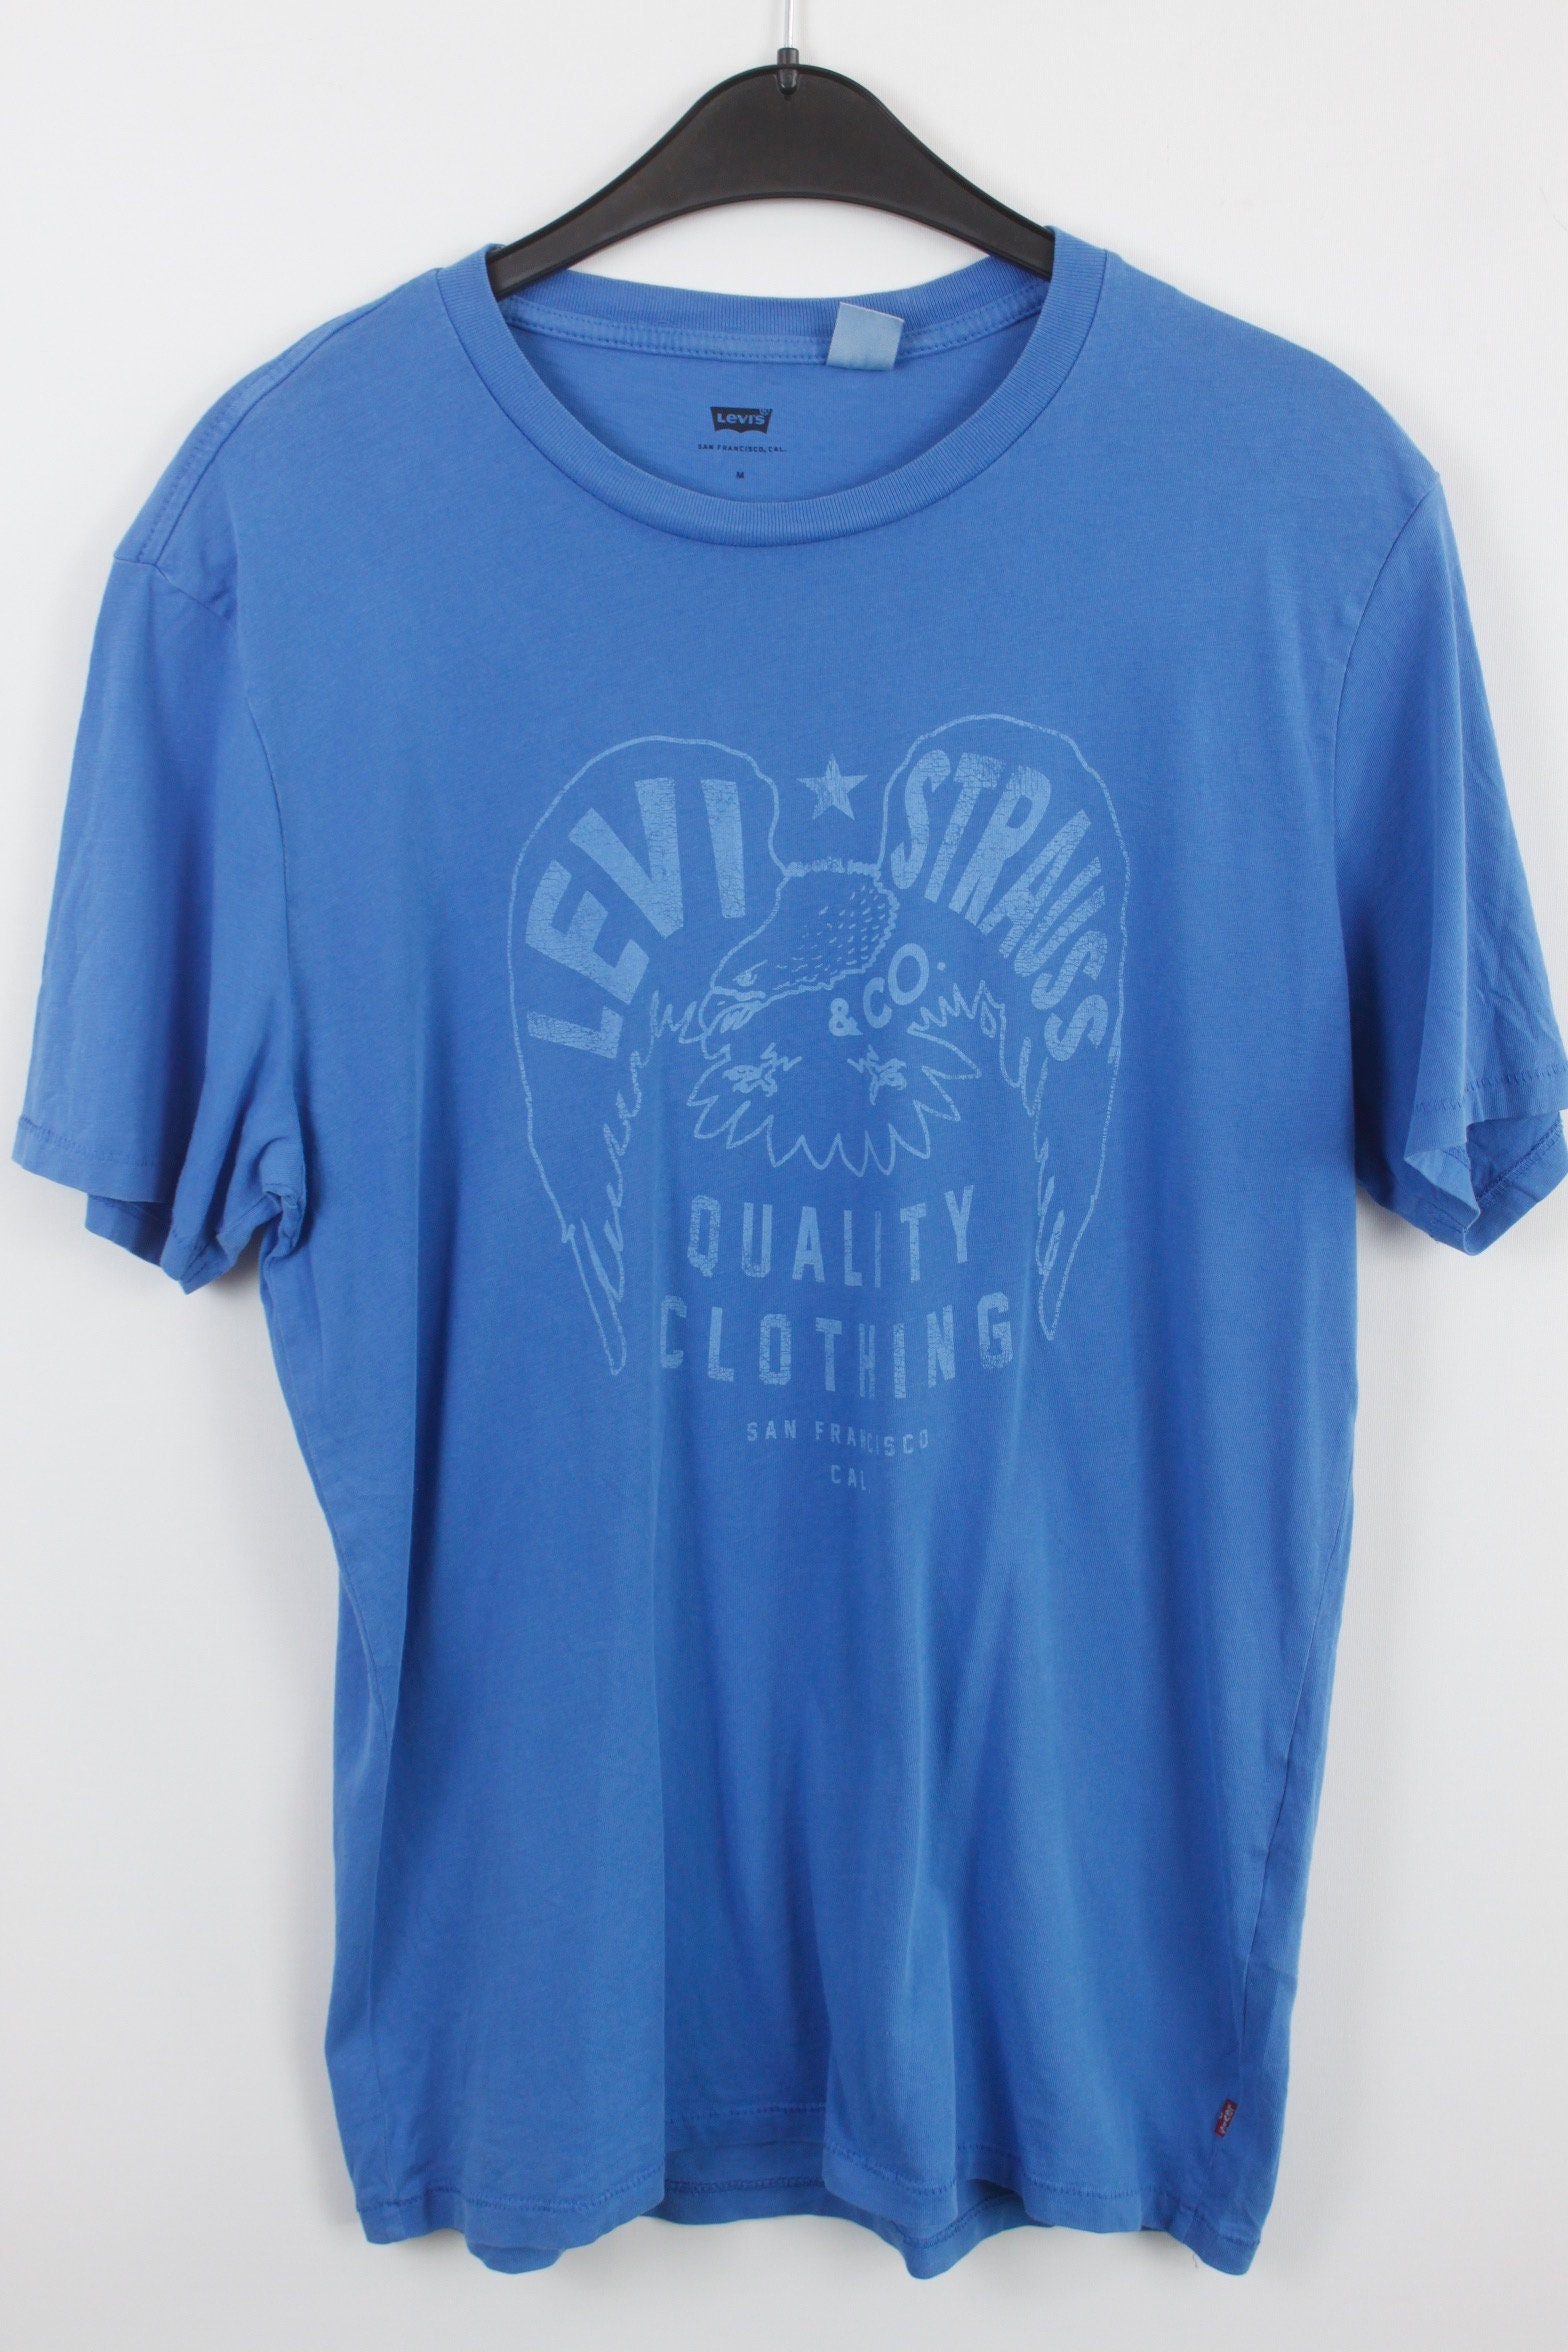 e0a9cff9ee0753 LEVI s Vintage t-shirt 90s clothing levis t-shirt blue